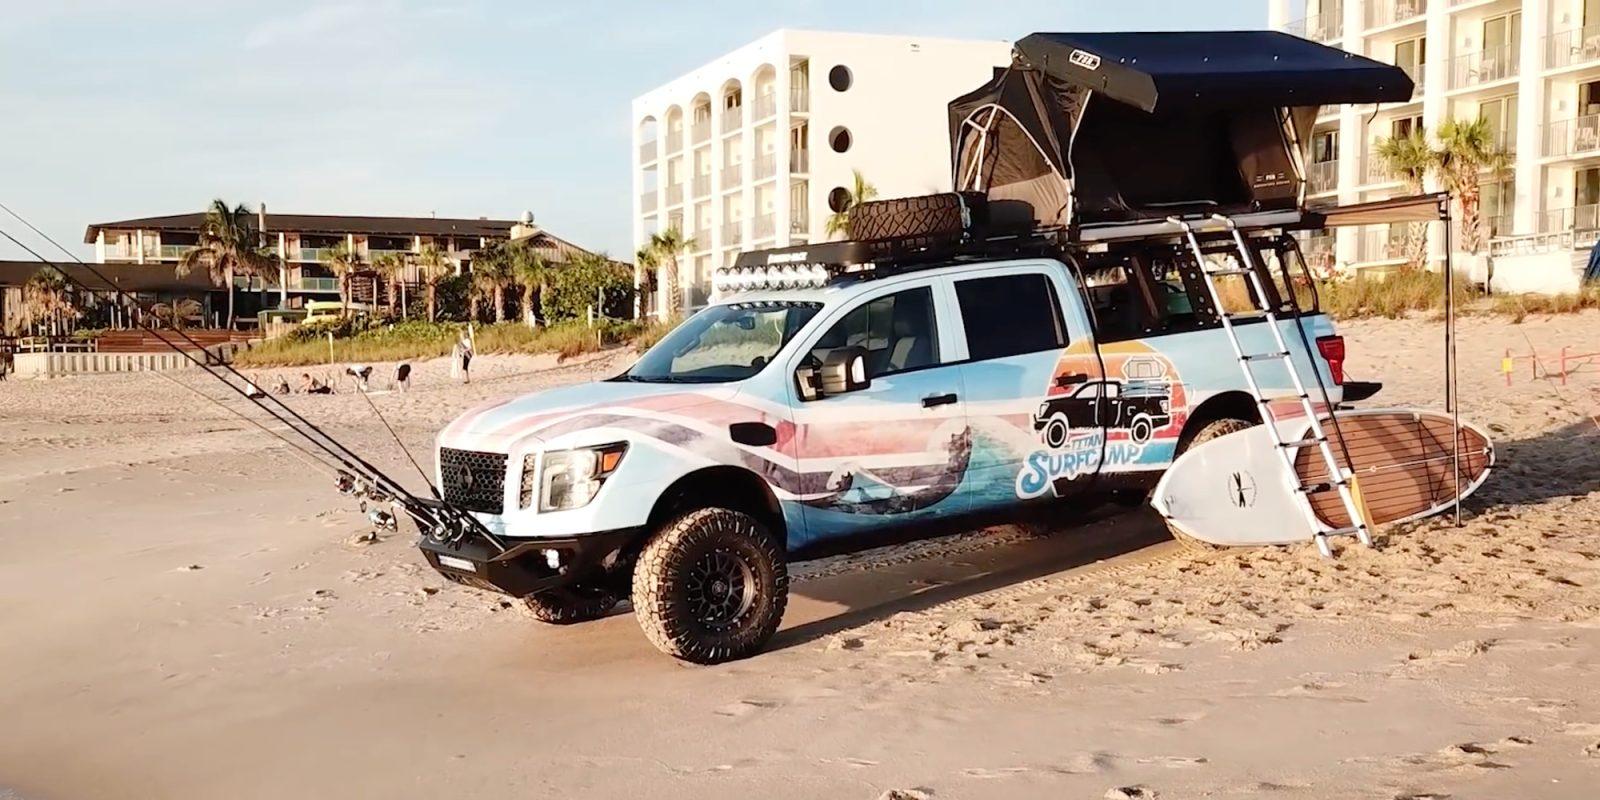 nissan-surfcamp-truck-2